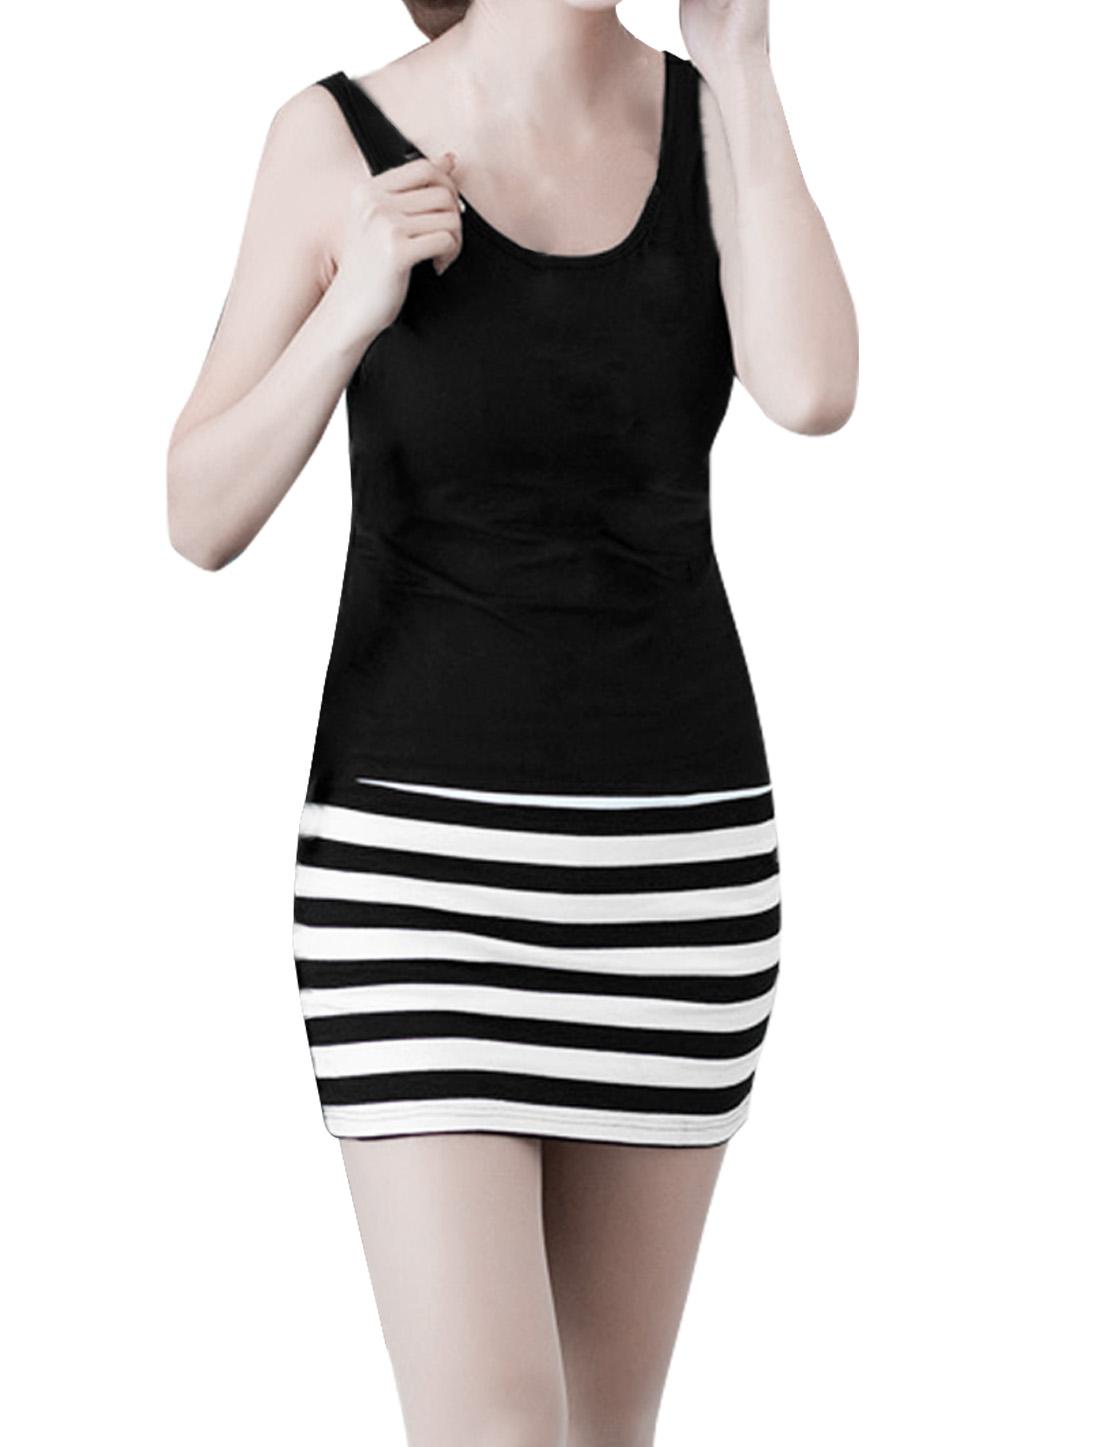 Women Soft Stripes Scoop Neck Panel Sheathy Tank Dress Black White XL